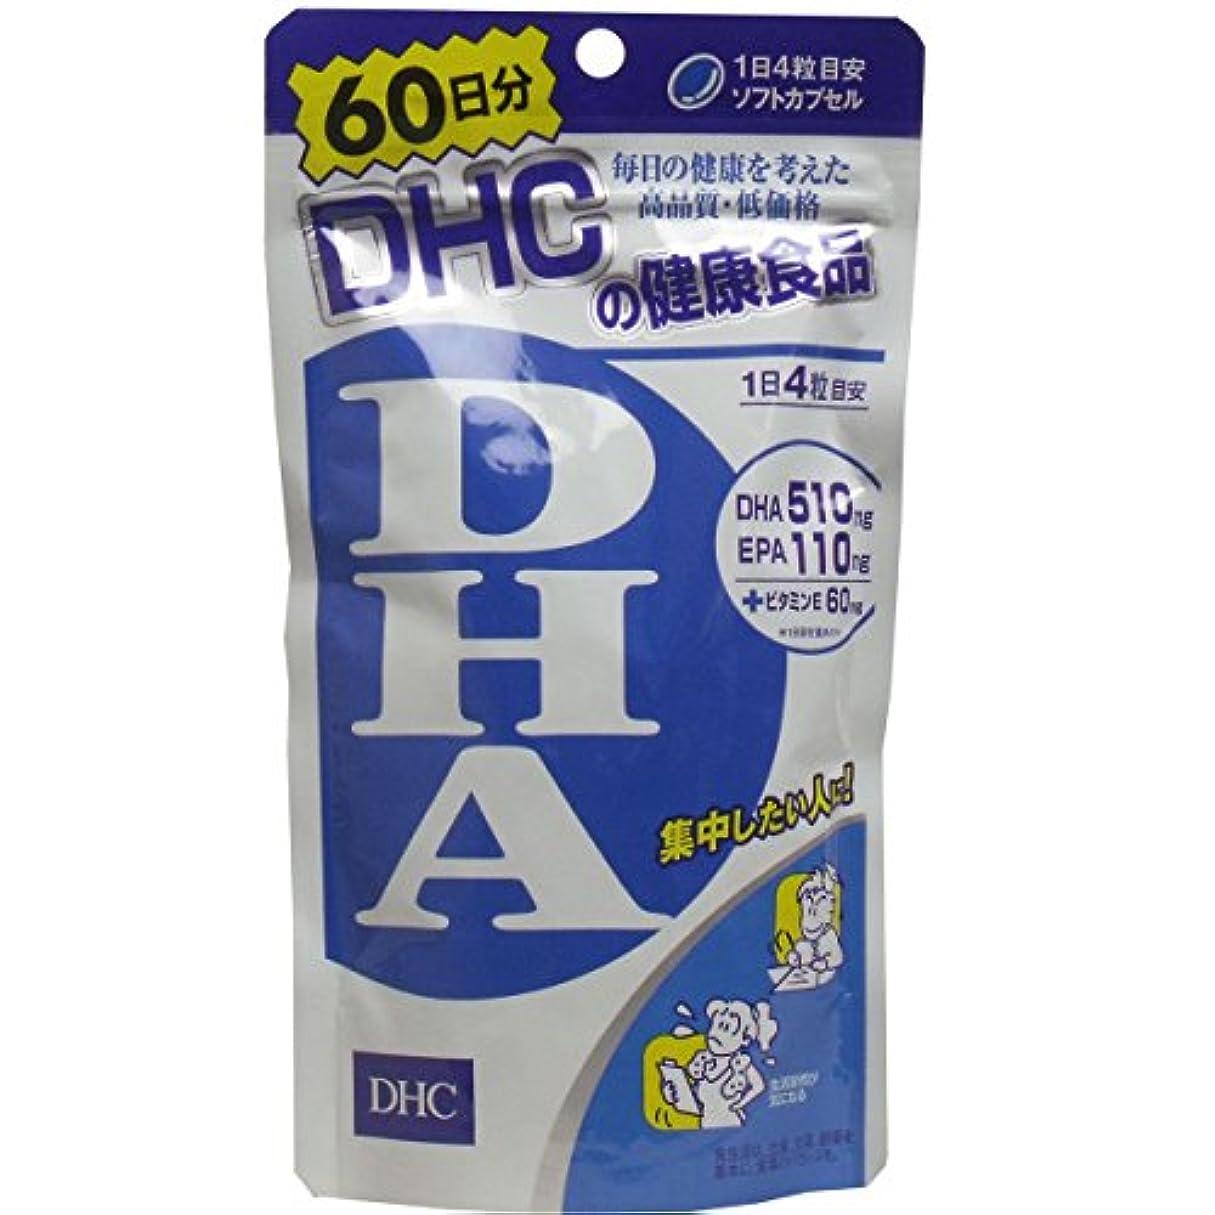 マントル苦痛ルート<お得な2個パック>DHC DHA 60日分 240粒入り×2個